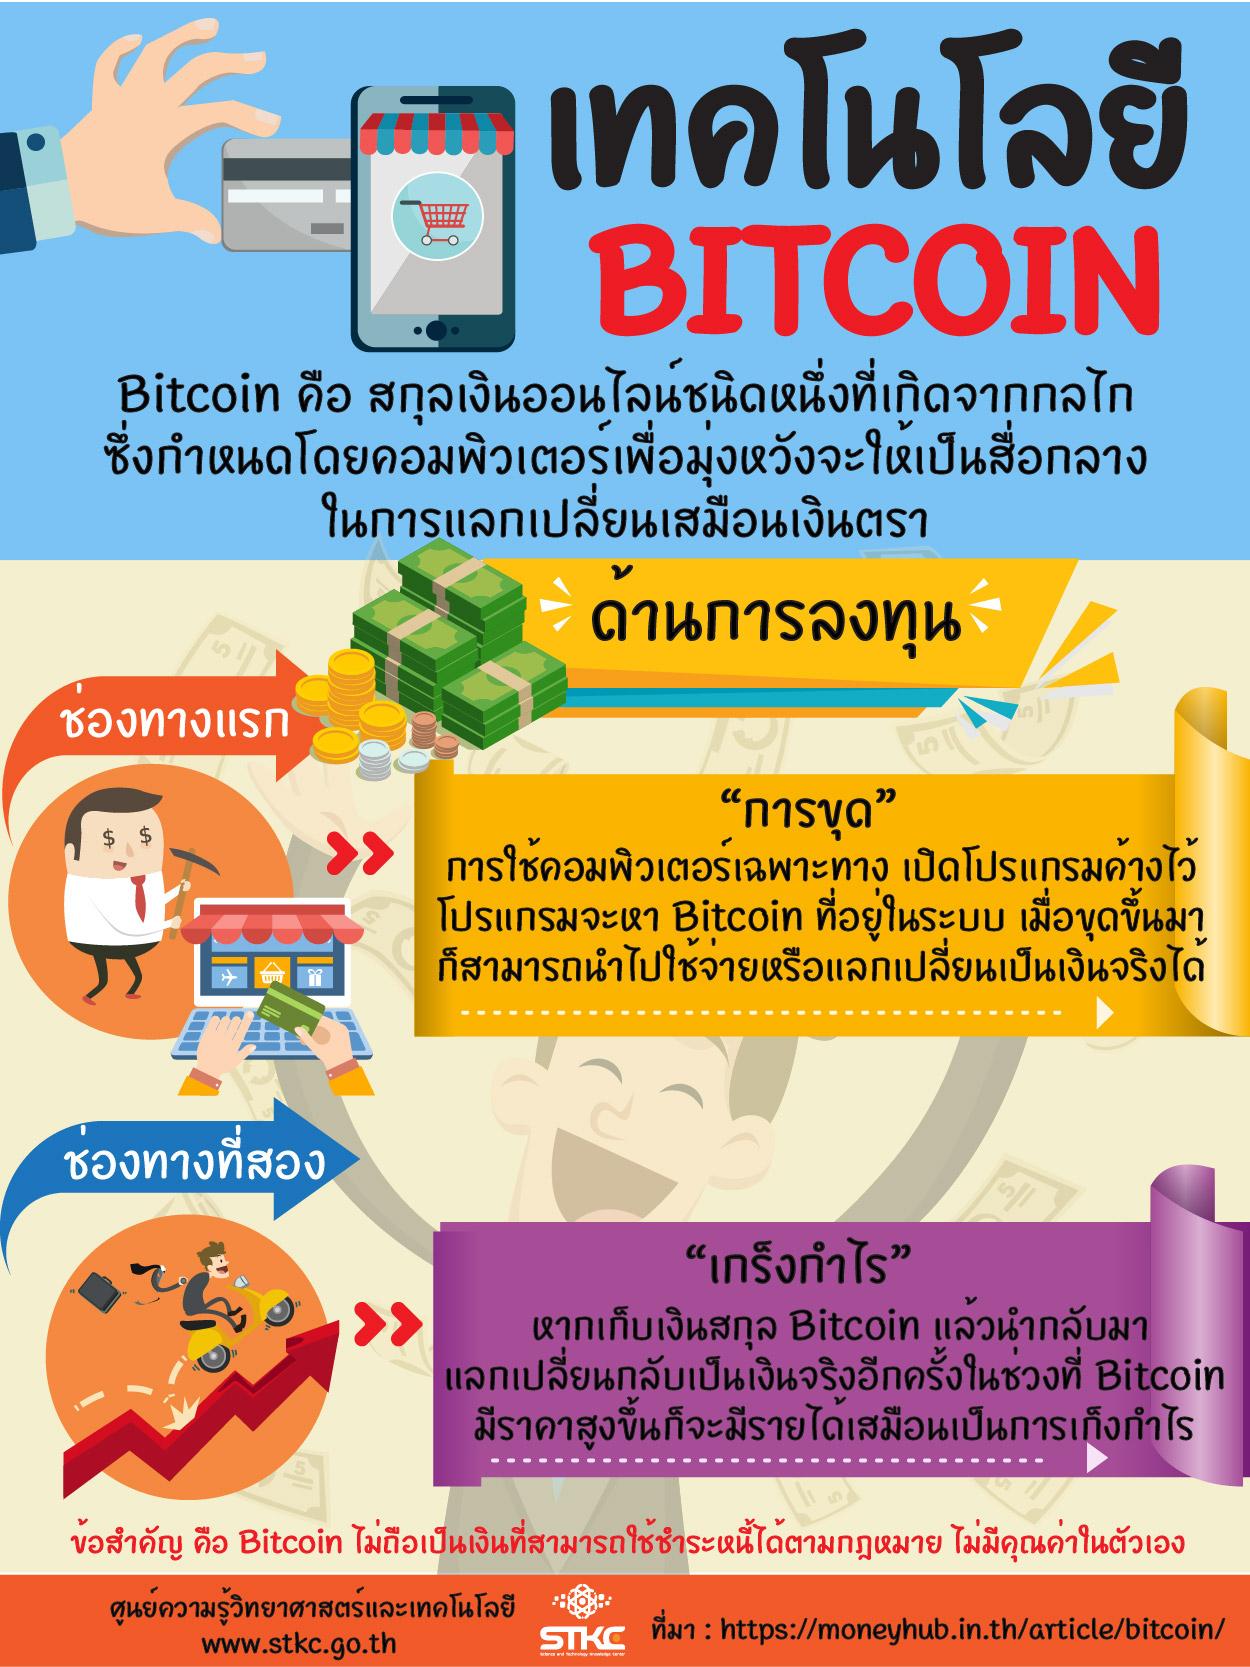 เทคโนโลยี Bitcoin